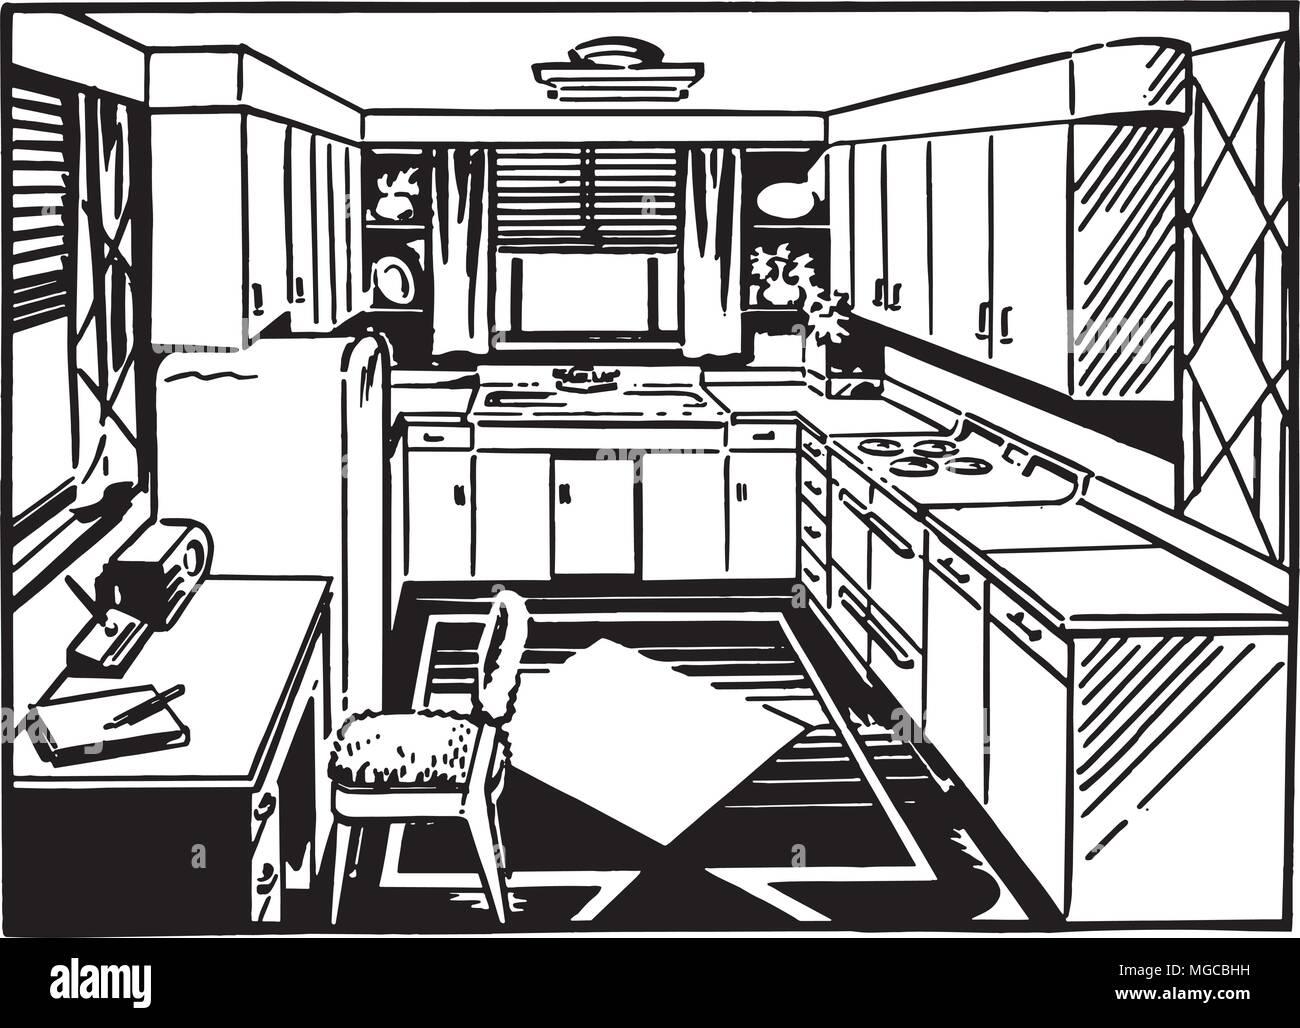 Schön Retro Küche Beste Wahl Küche 2 - Clipart Tration